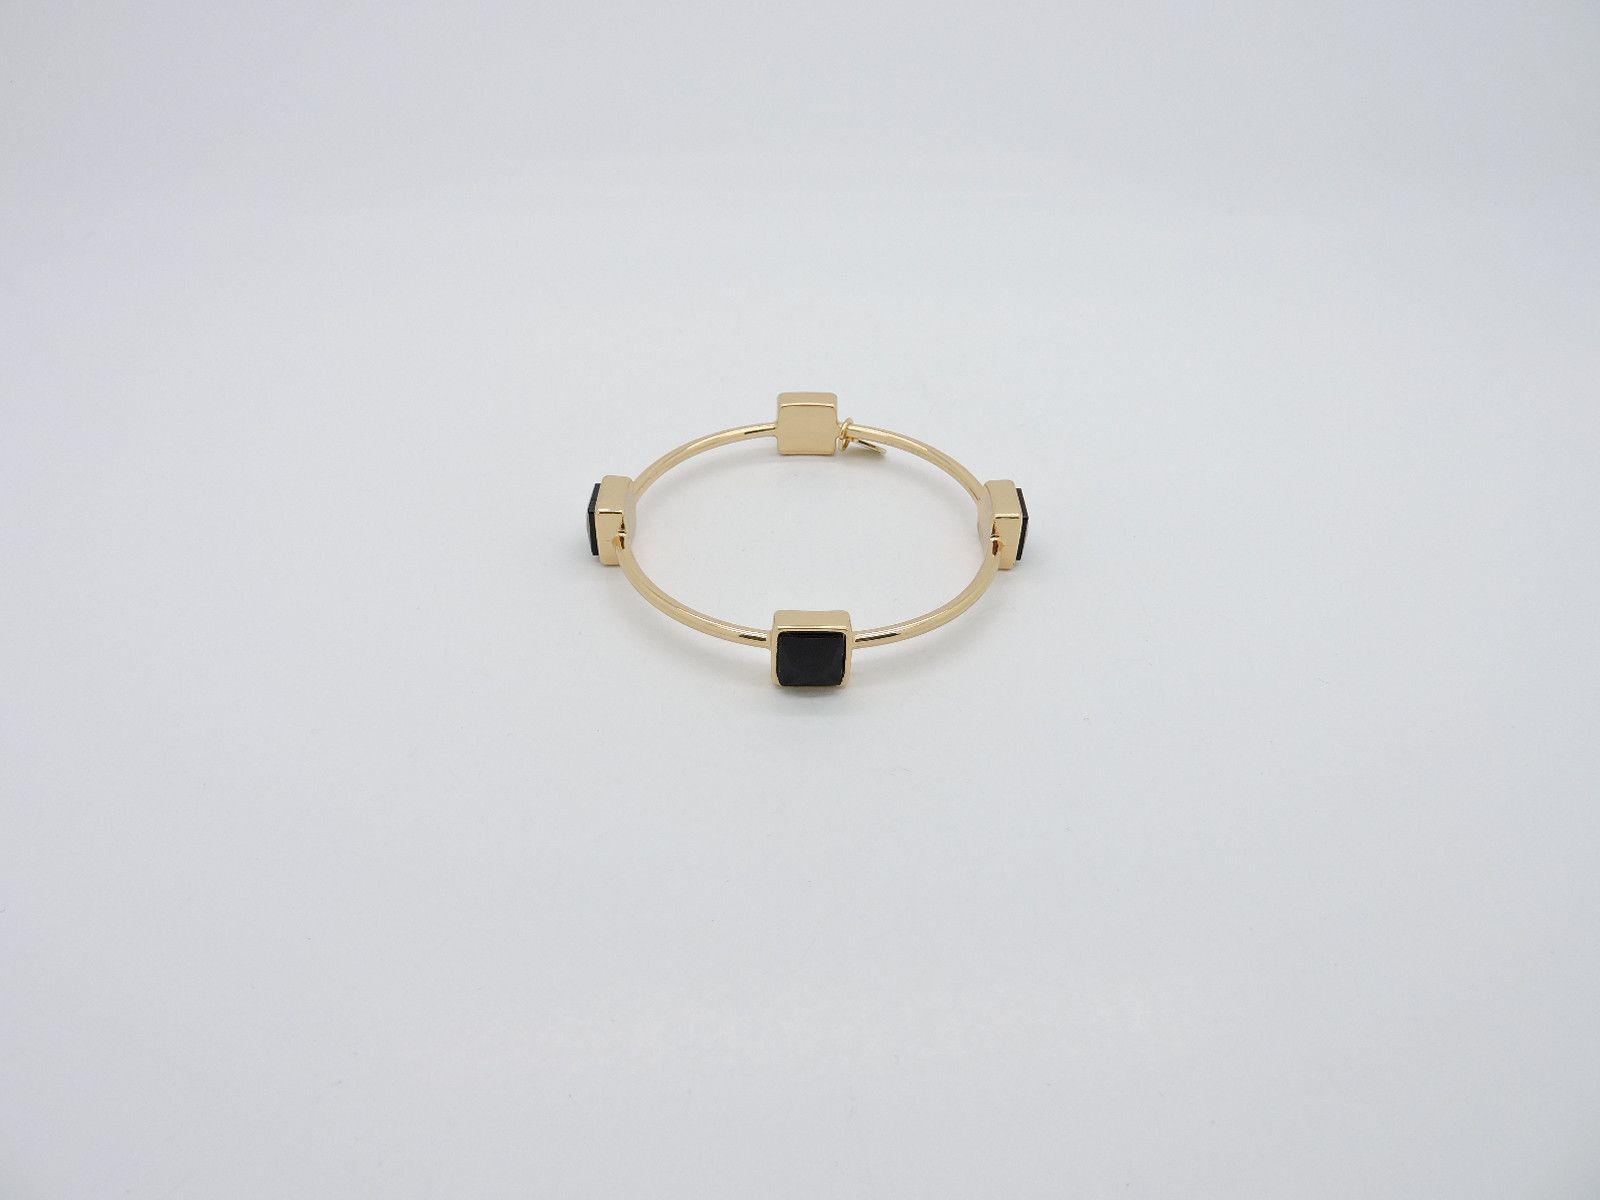 Quad Cage Bangle Bracelet - Black/Gold from Helen's Jewels. #jewelry #bracelet #bracelets #jewelryonpinterest #etsy #etsyjewelry #helensjewels #fashion #style #accessories #bangle #banglebracelet #blackbracelet #blackgem